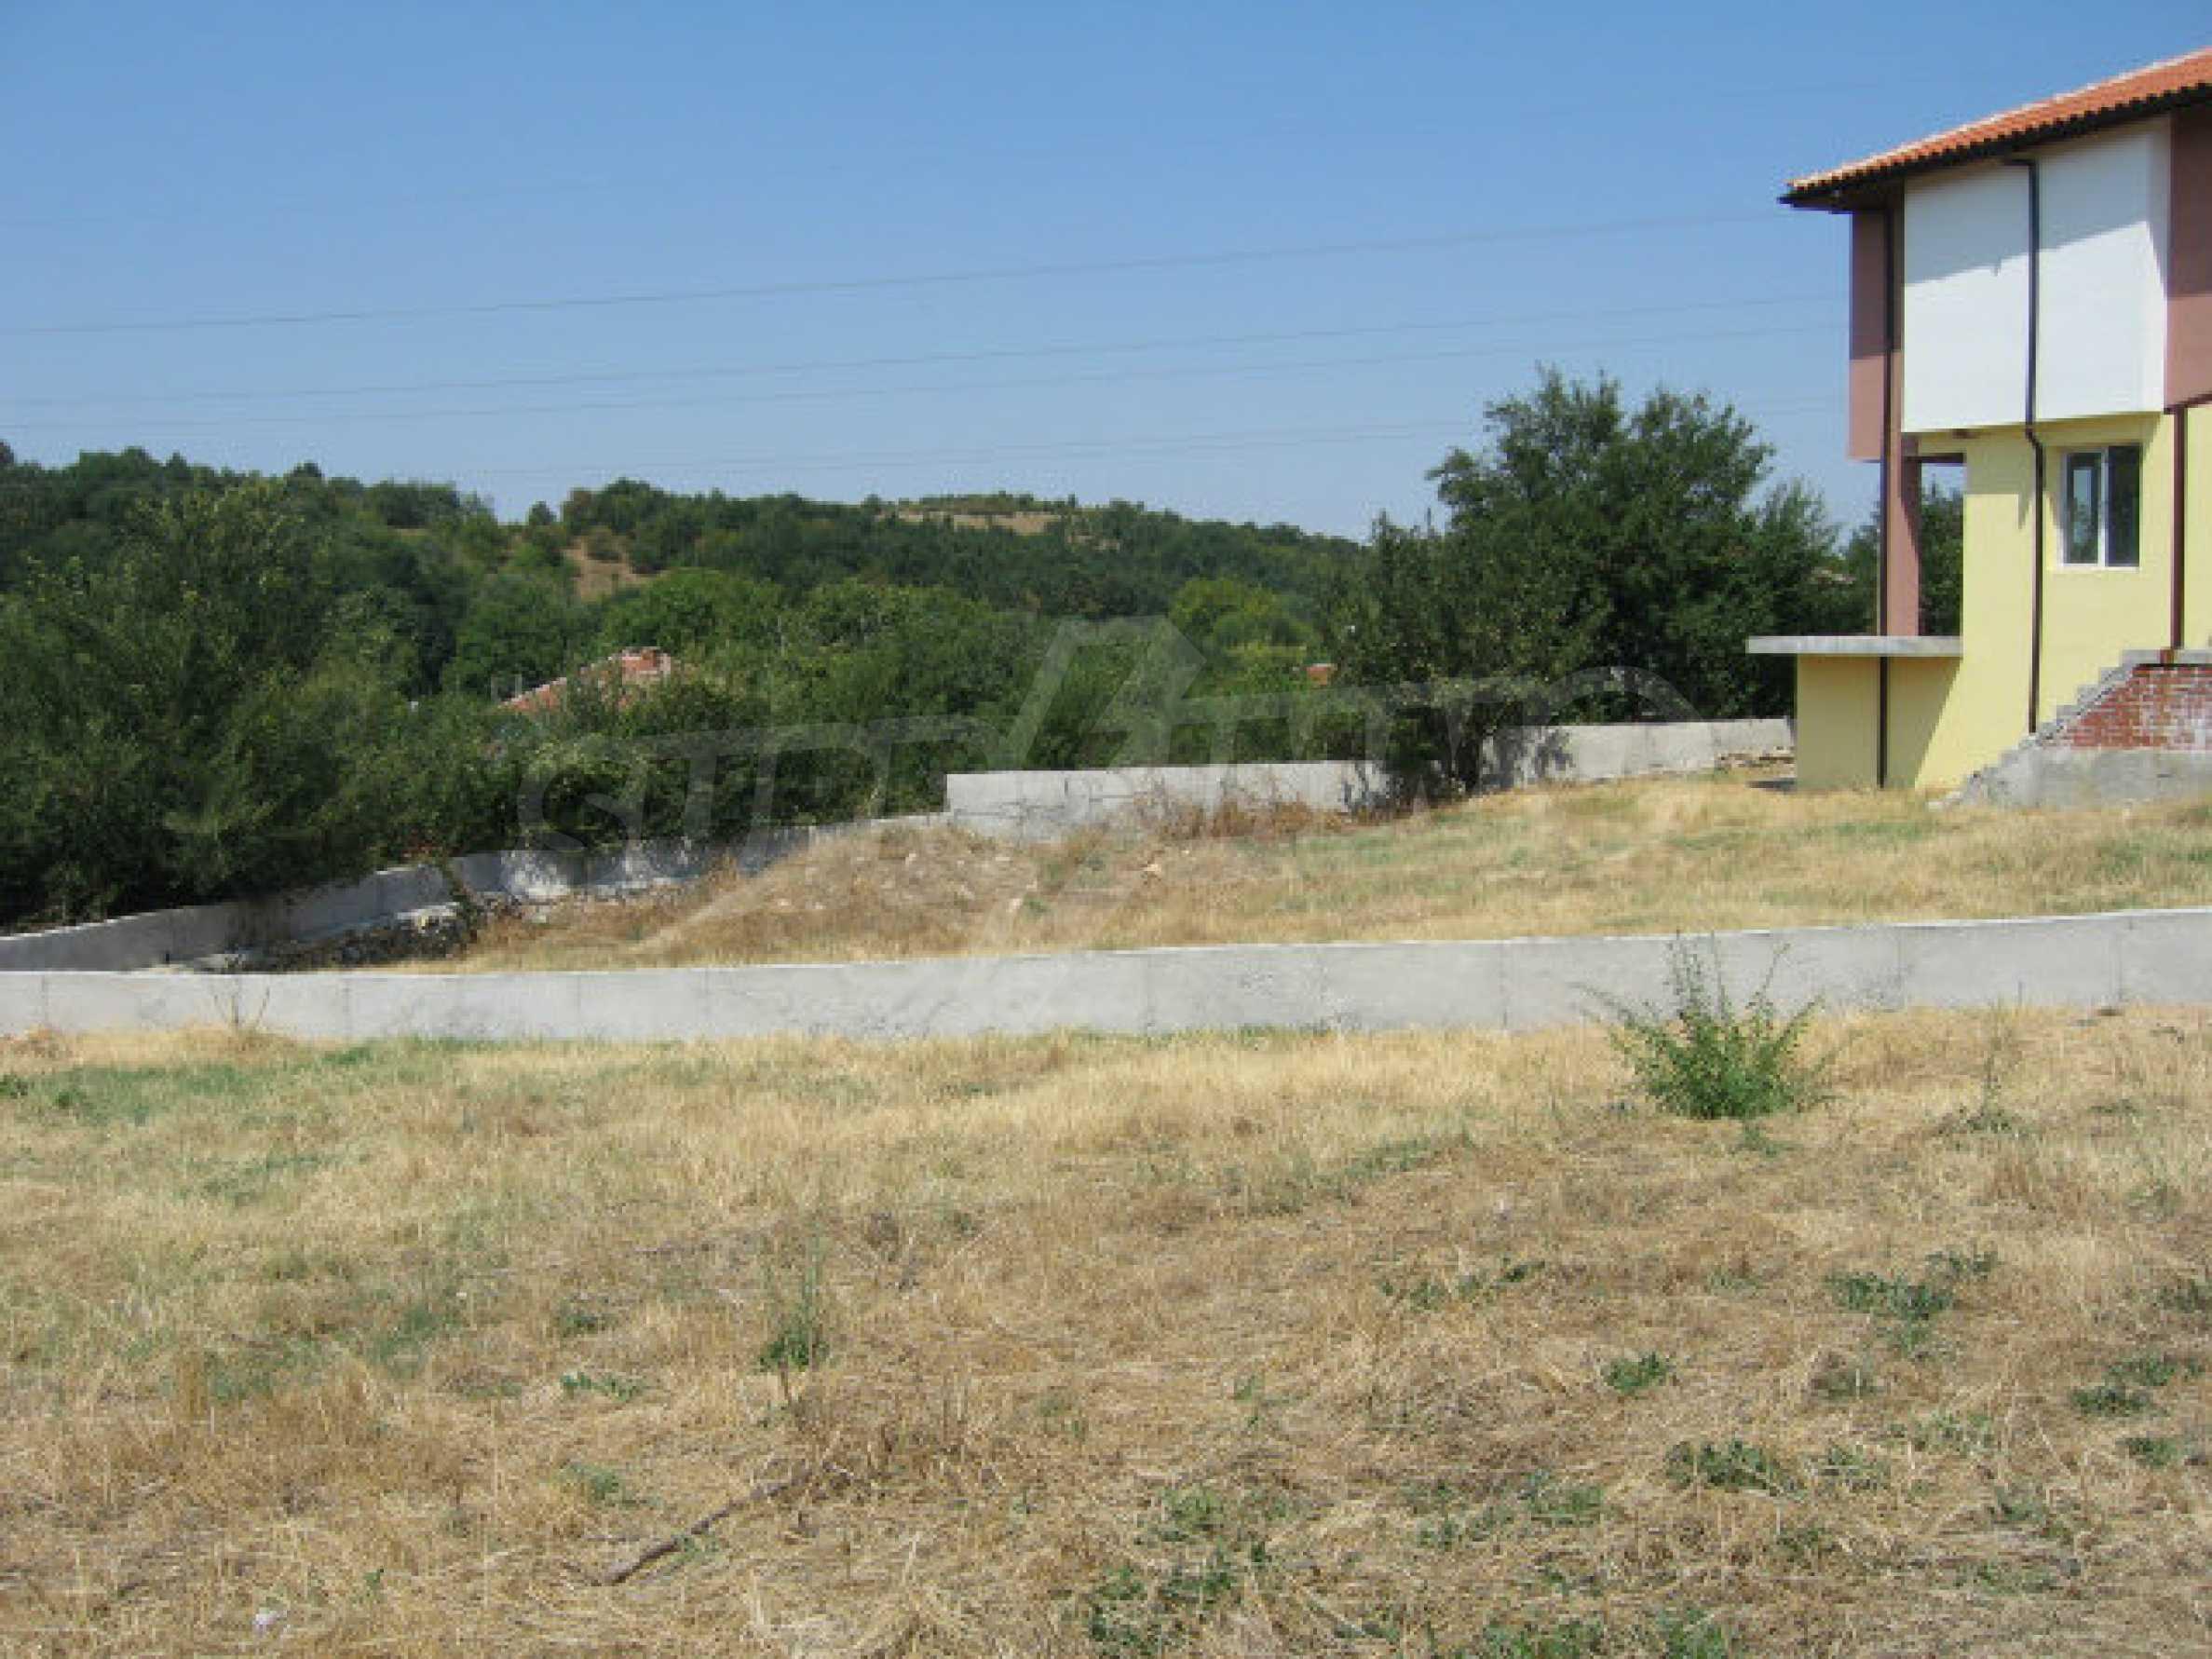 Schönes neues Haus mit schöner Aussicht auf Sakar in einem ruhigen Dorf in der Nähe von Topolovgrad 36